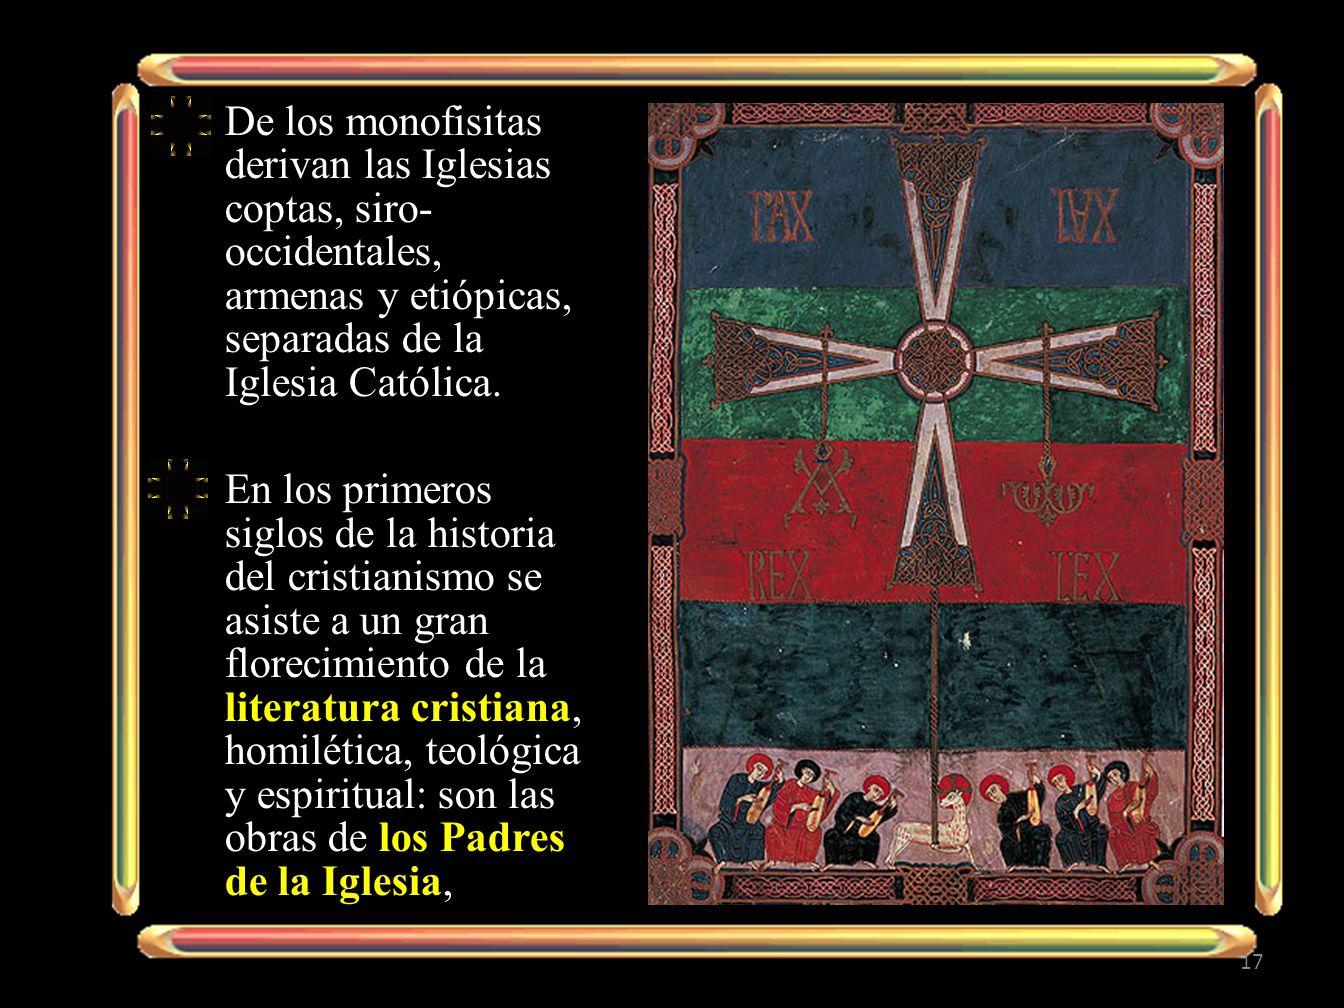 De los monofisitas derivan las Iglesias coptas, siro- occidentales, armenas y etiópicas, separadas de la Iglesia Católica. En los primeros siglos de l